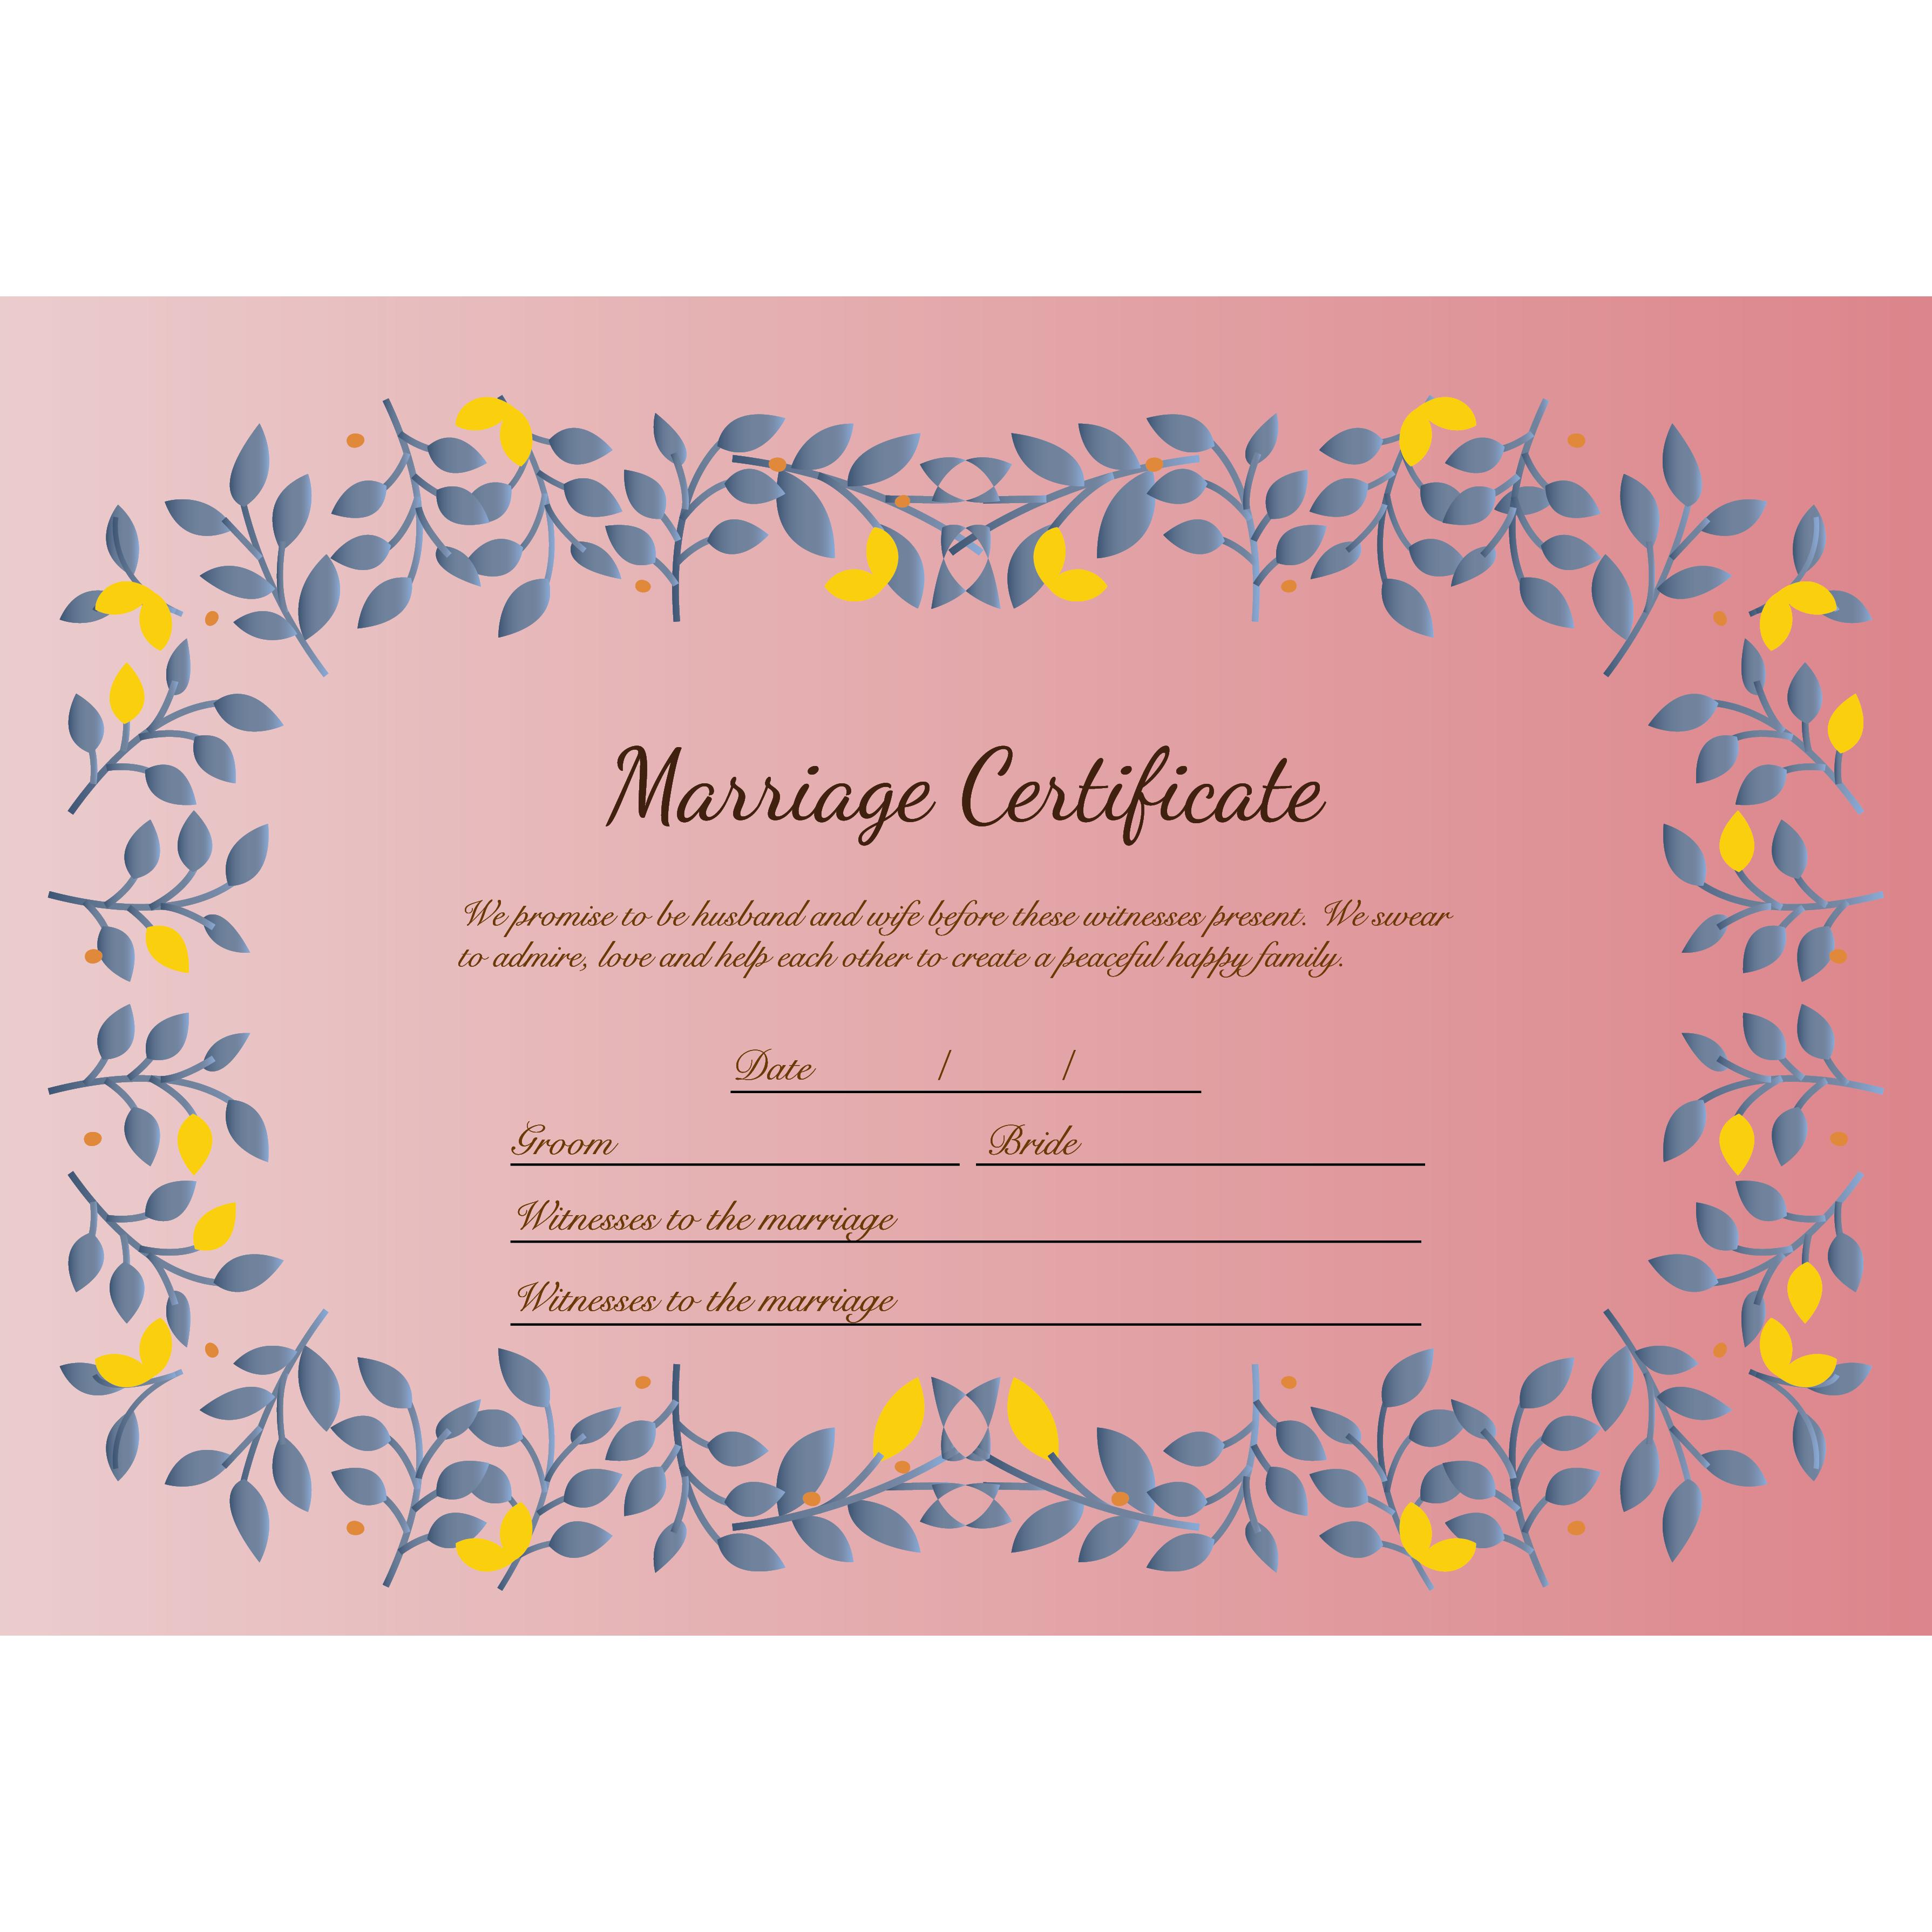 結婚証明書 テンプレート イラスト♪かわいいリーフスタイル♪ | 商用